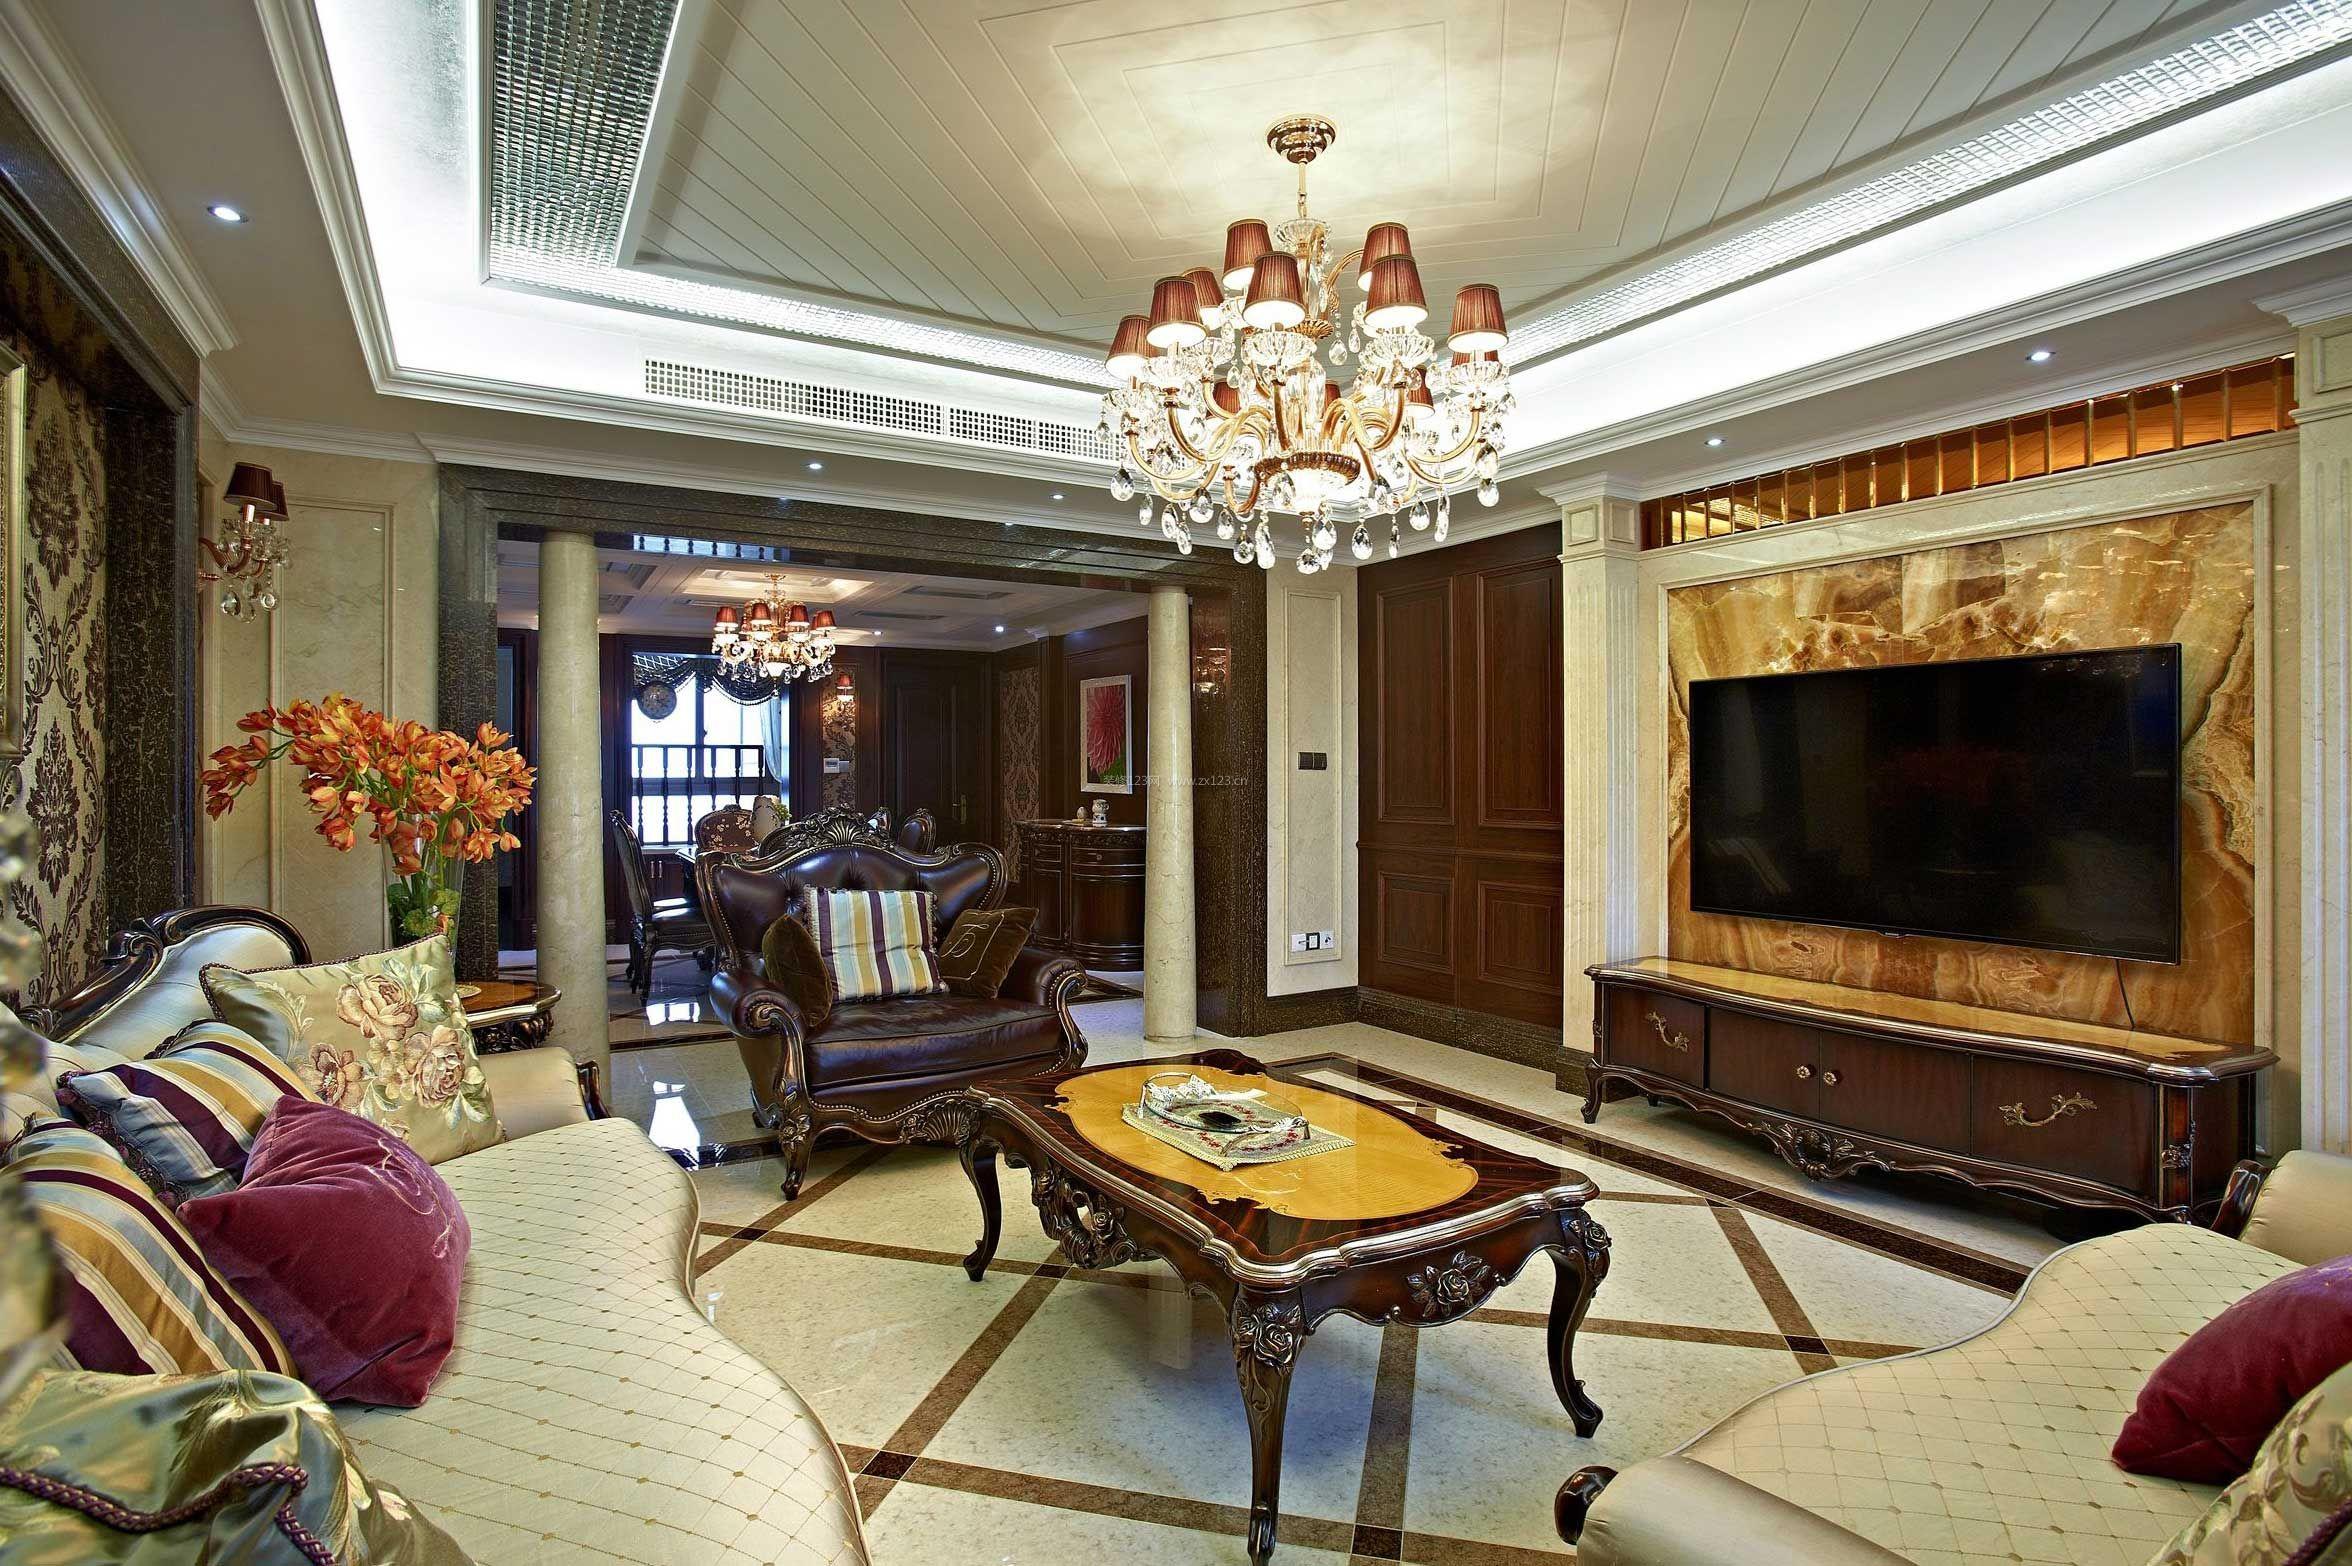 家装效果图 欧式 欧式古典客厅吊顶设计装修效果图片 提供者:   ←图片